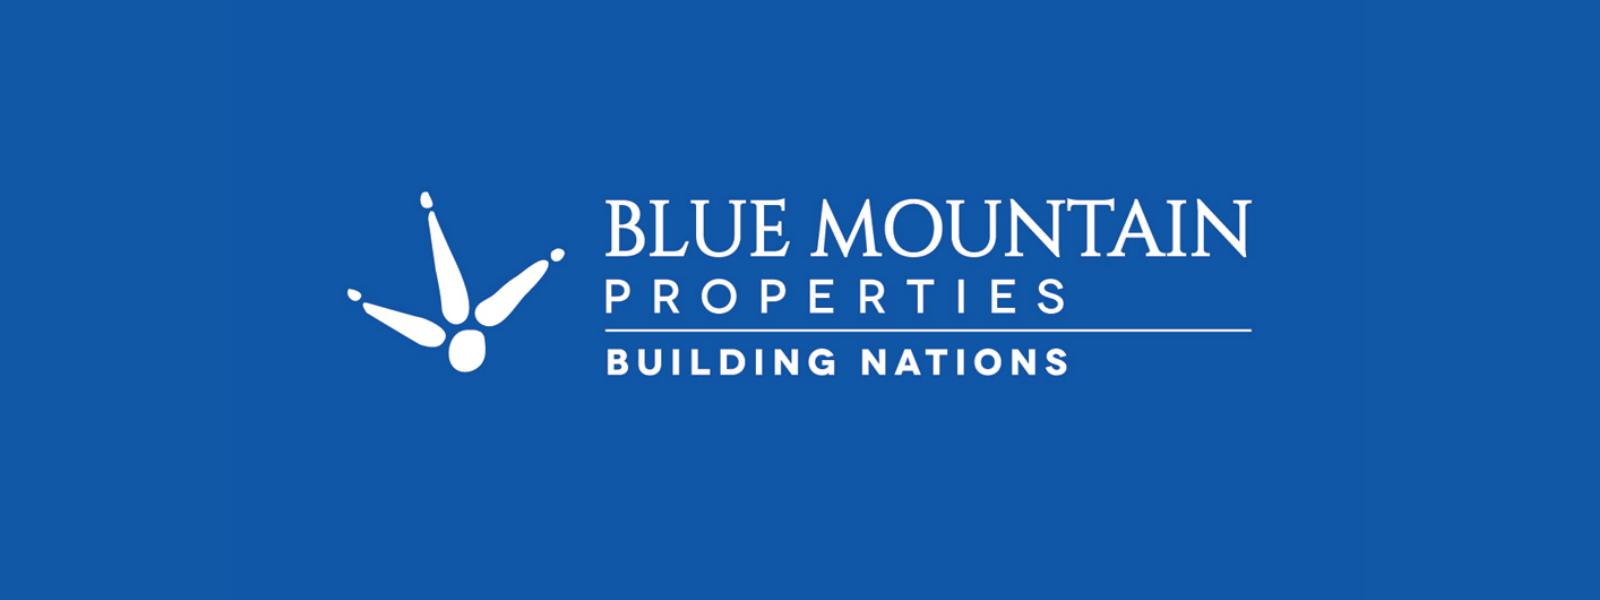 Blue Mountain issues fraudulent deeds